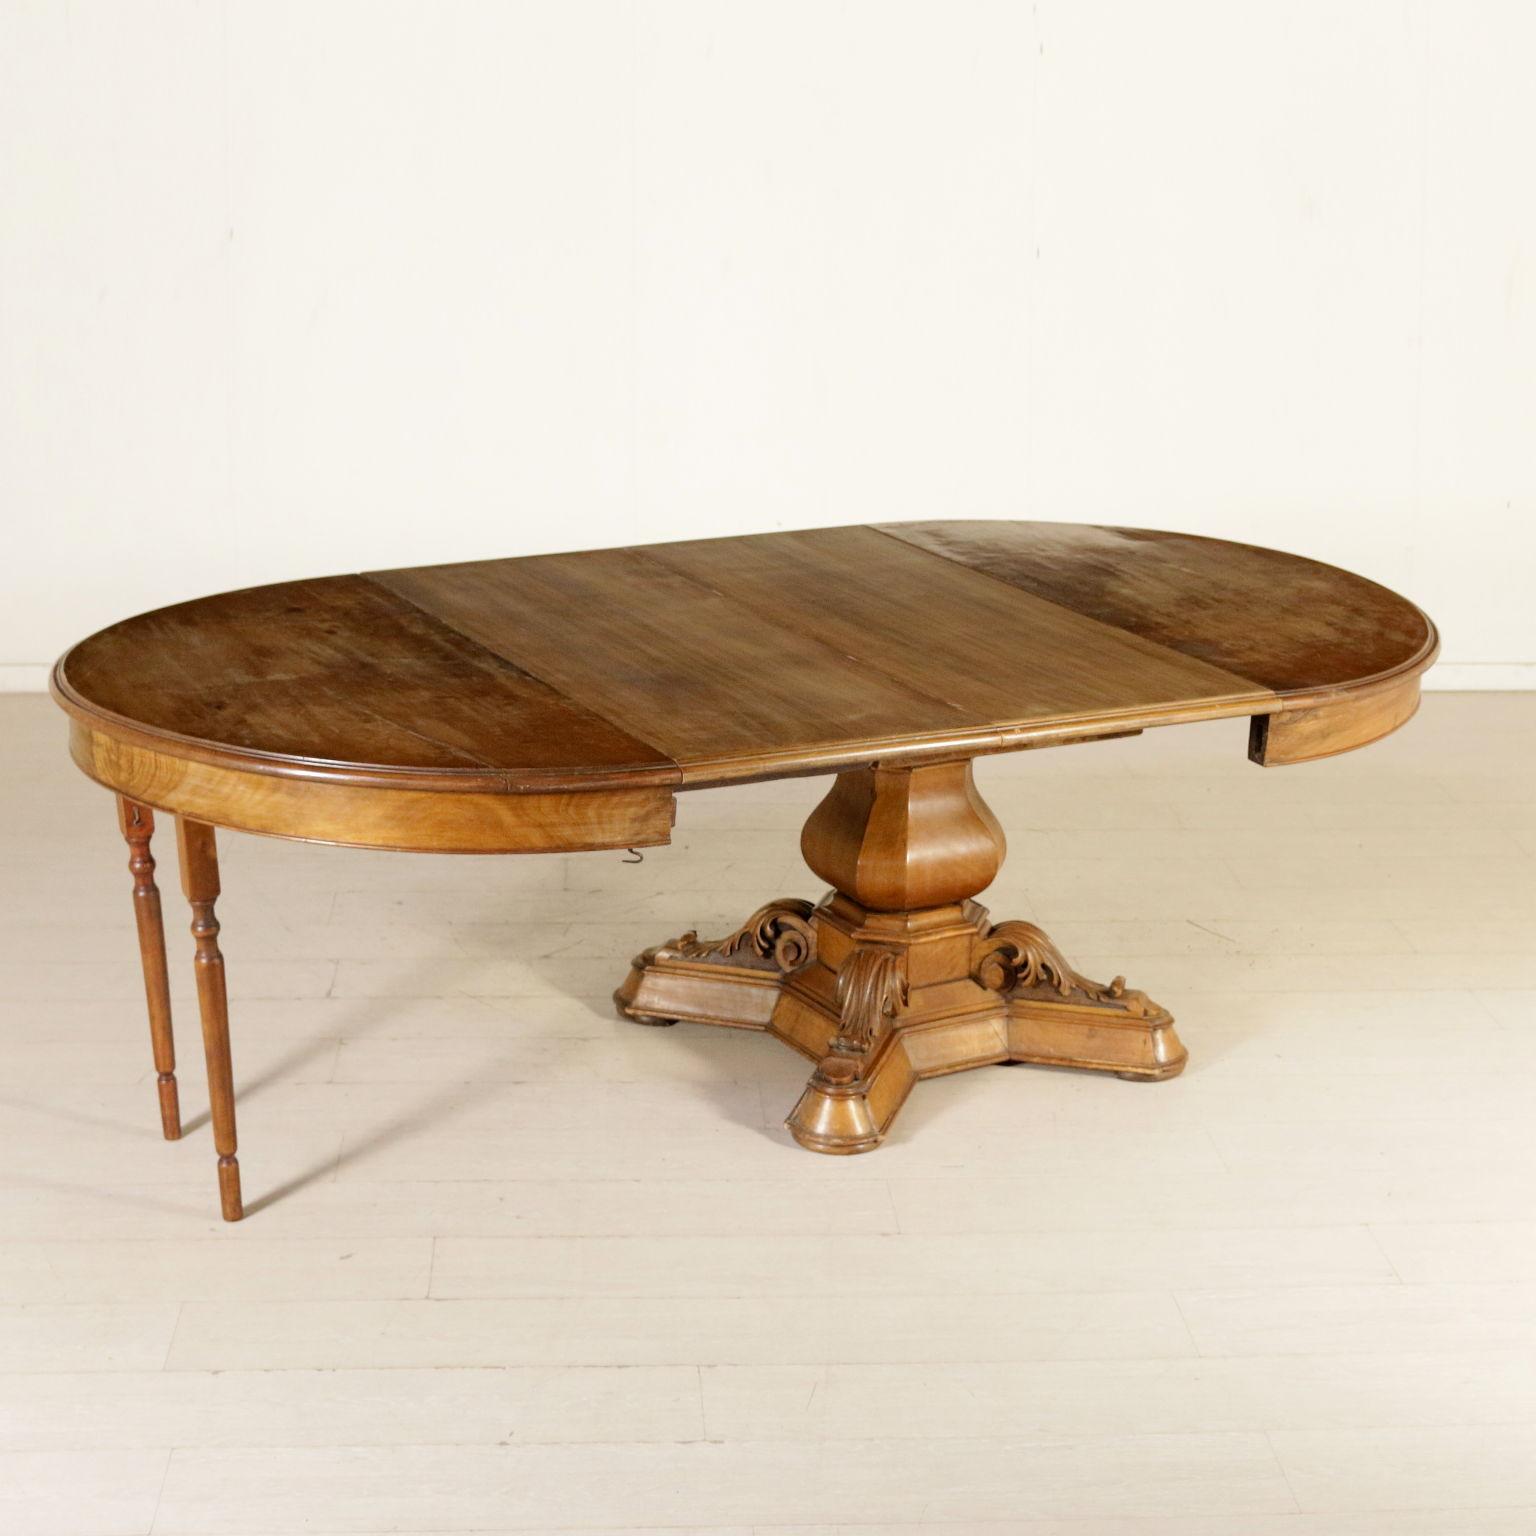 En Extensible Italie Troisième Quart Table Fabriqué Noyer '800 b7yvYf6g